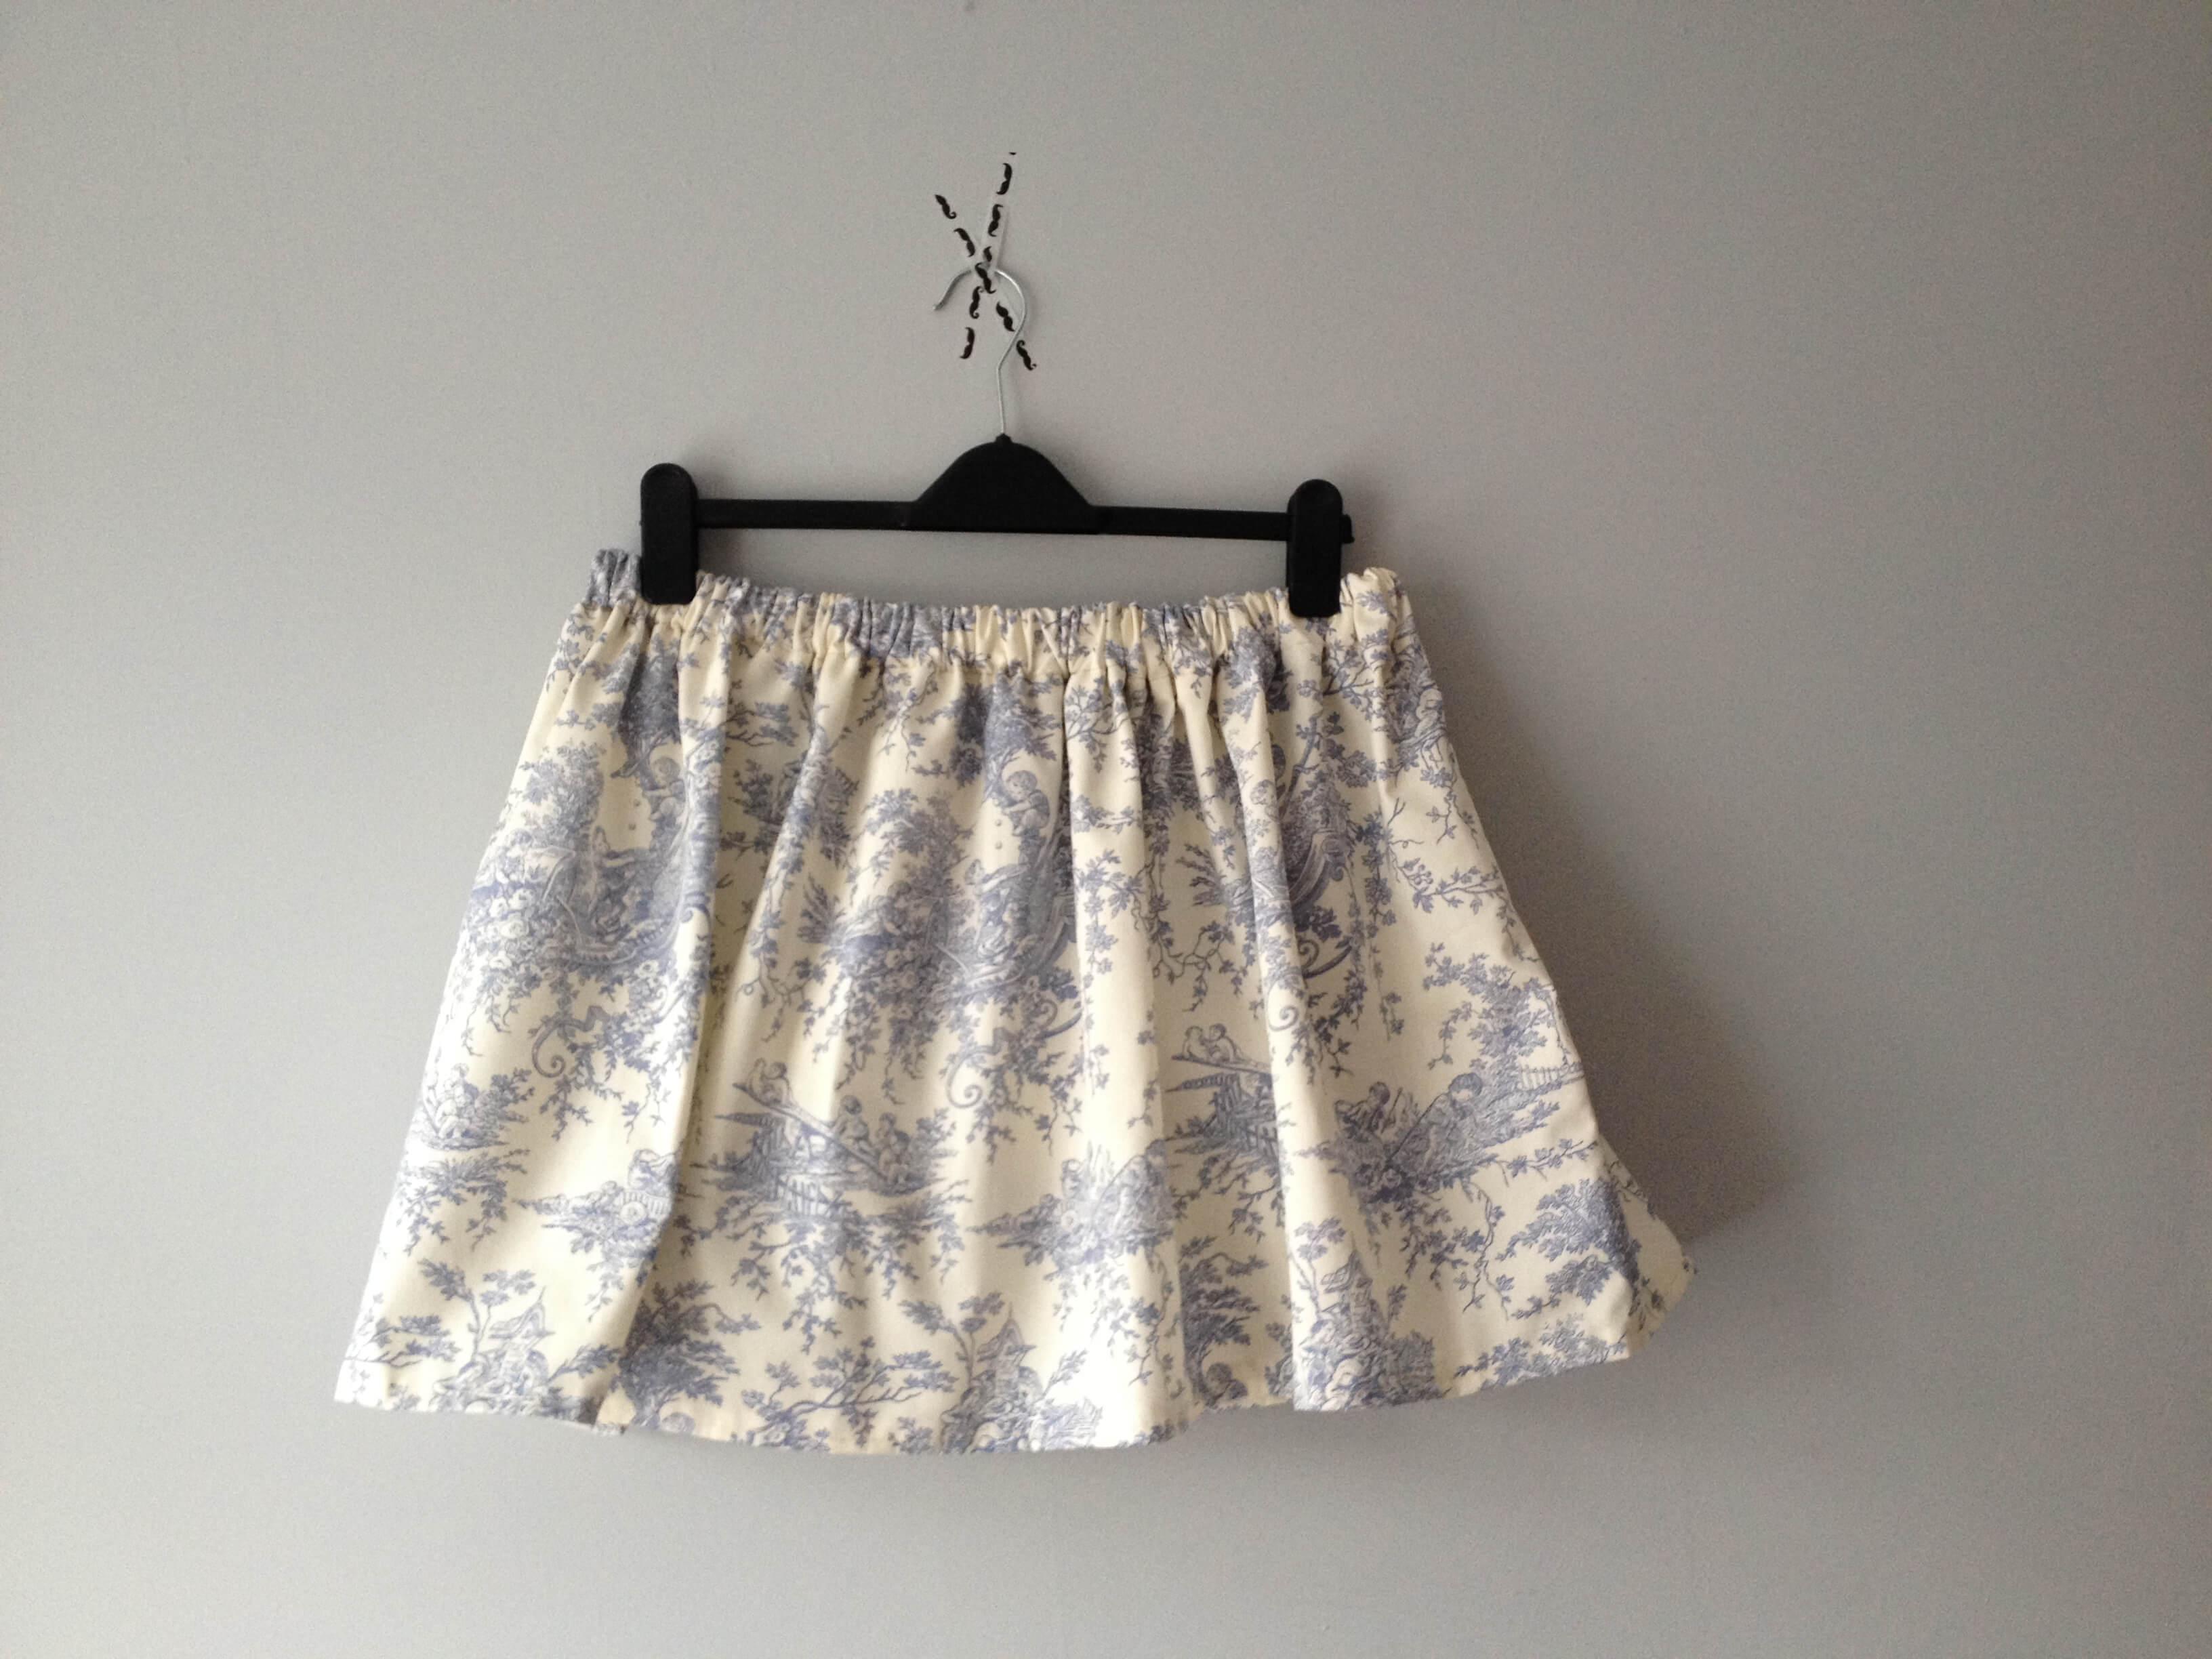 Beginners' Skirt